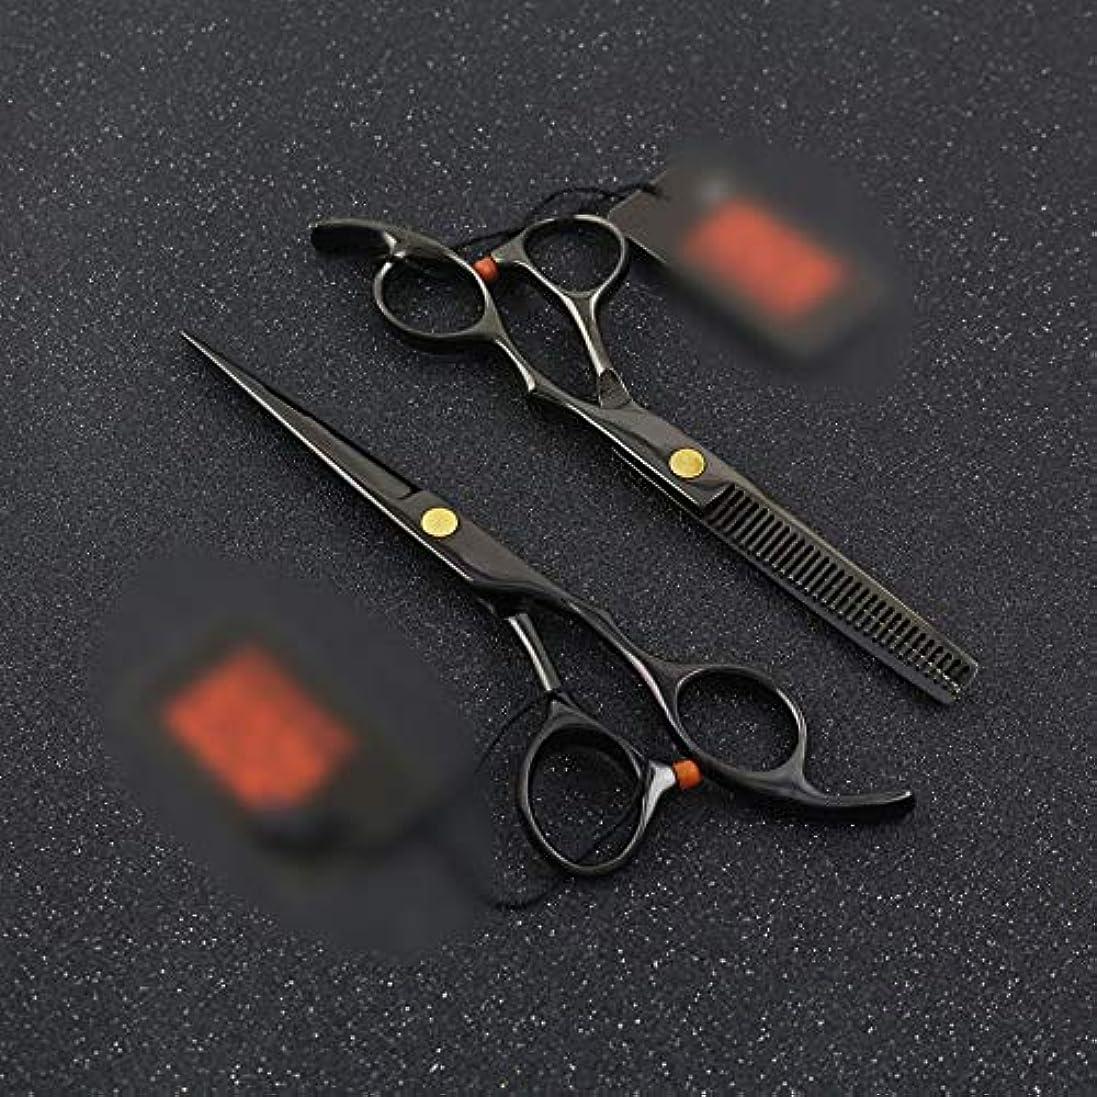 ライラック吐き出すシルエットWASAIO はさみ風味シザー+歯せん断理髪ツールセット6インチブラック間伐テクスチャーサロンヘアカットのはさみプロフェッショナル理容正規レイザーエッジ (色 : 黒)